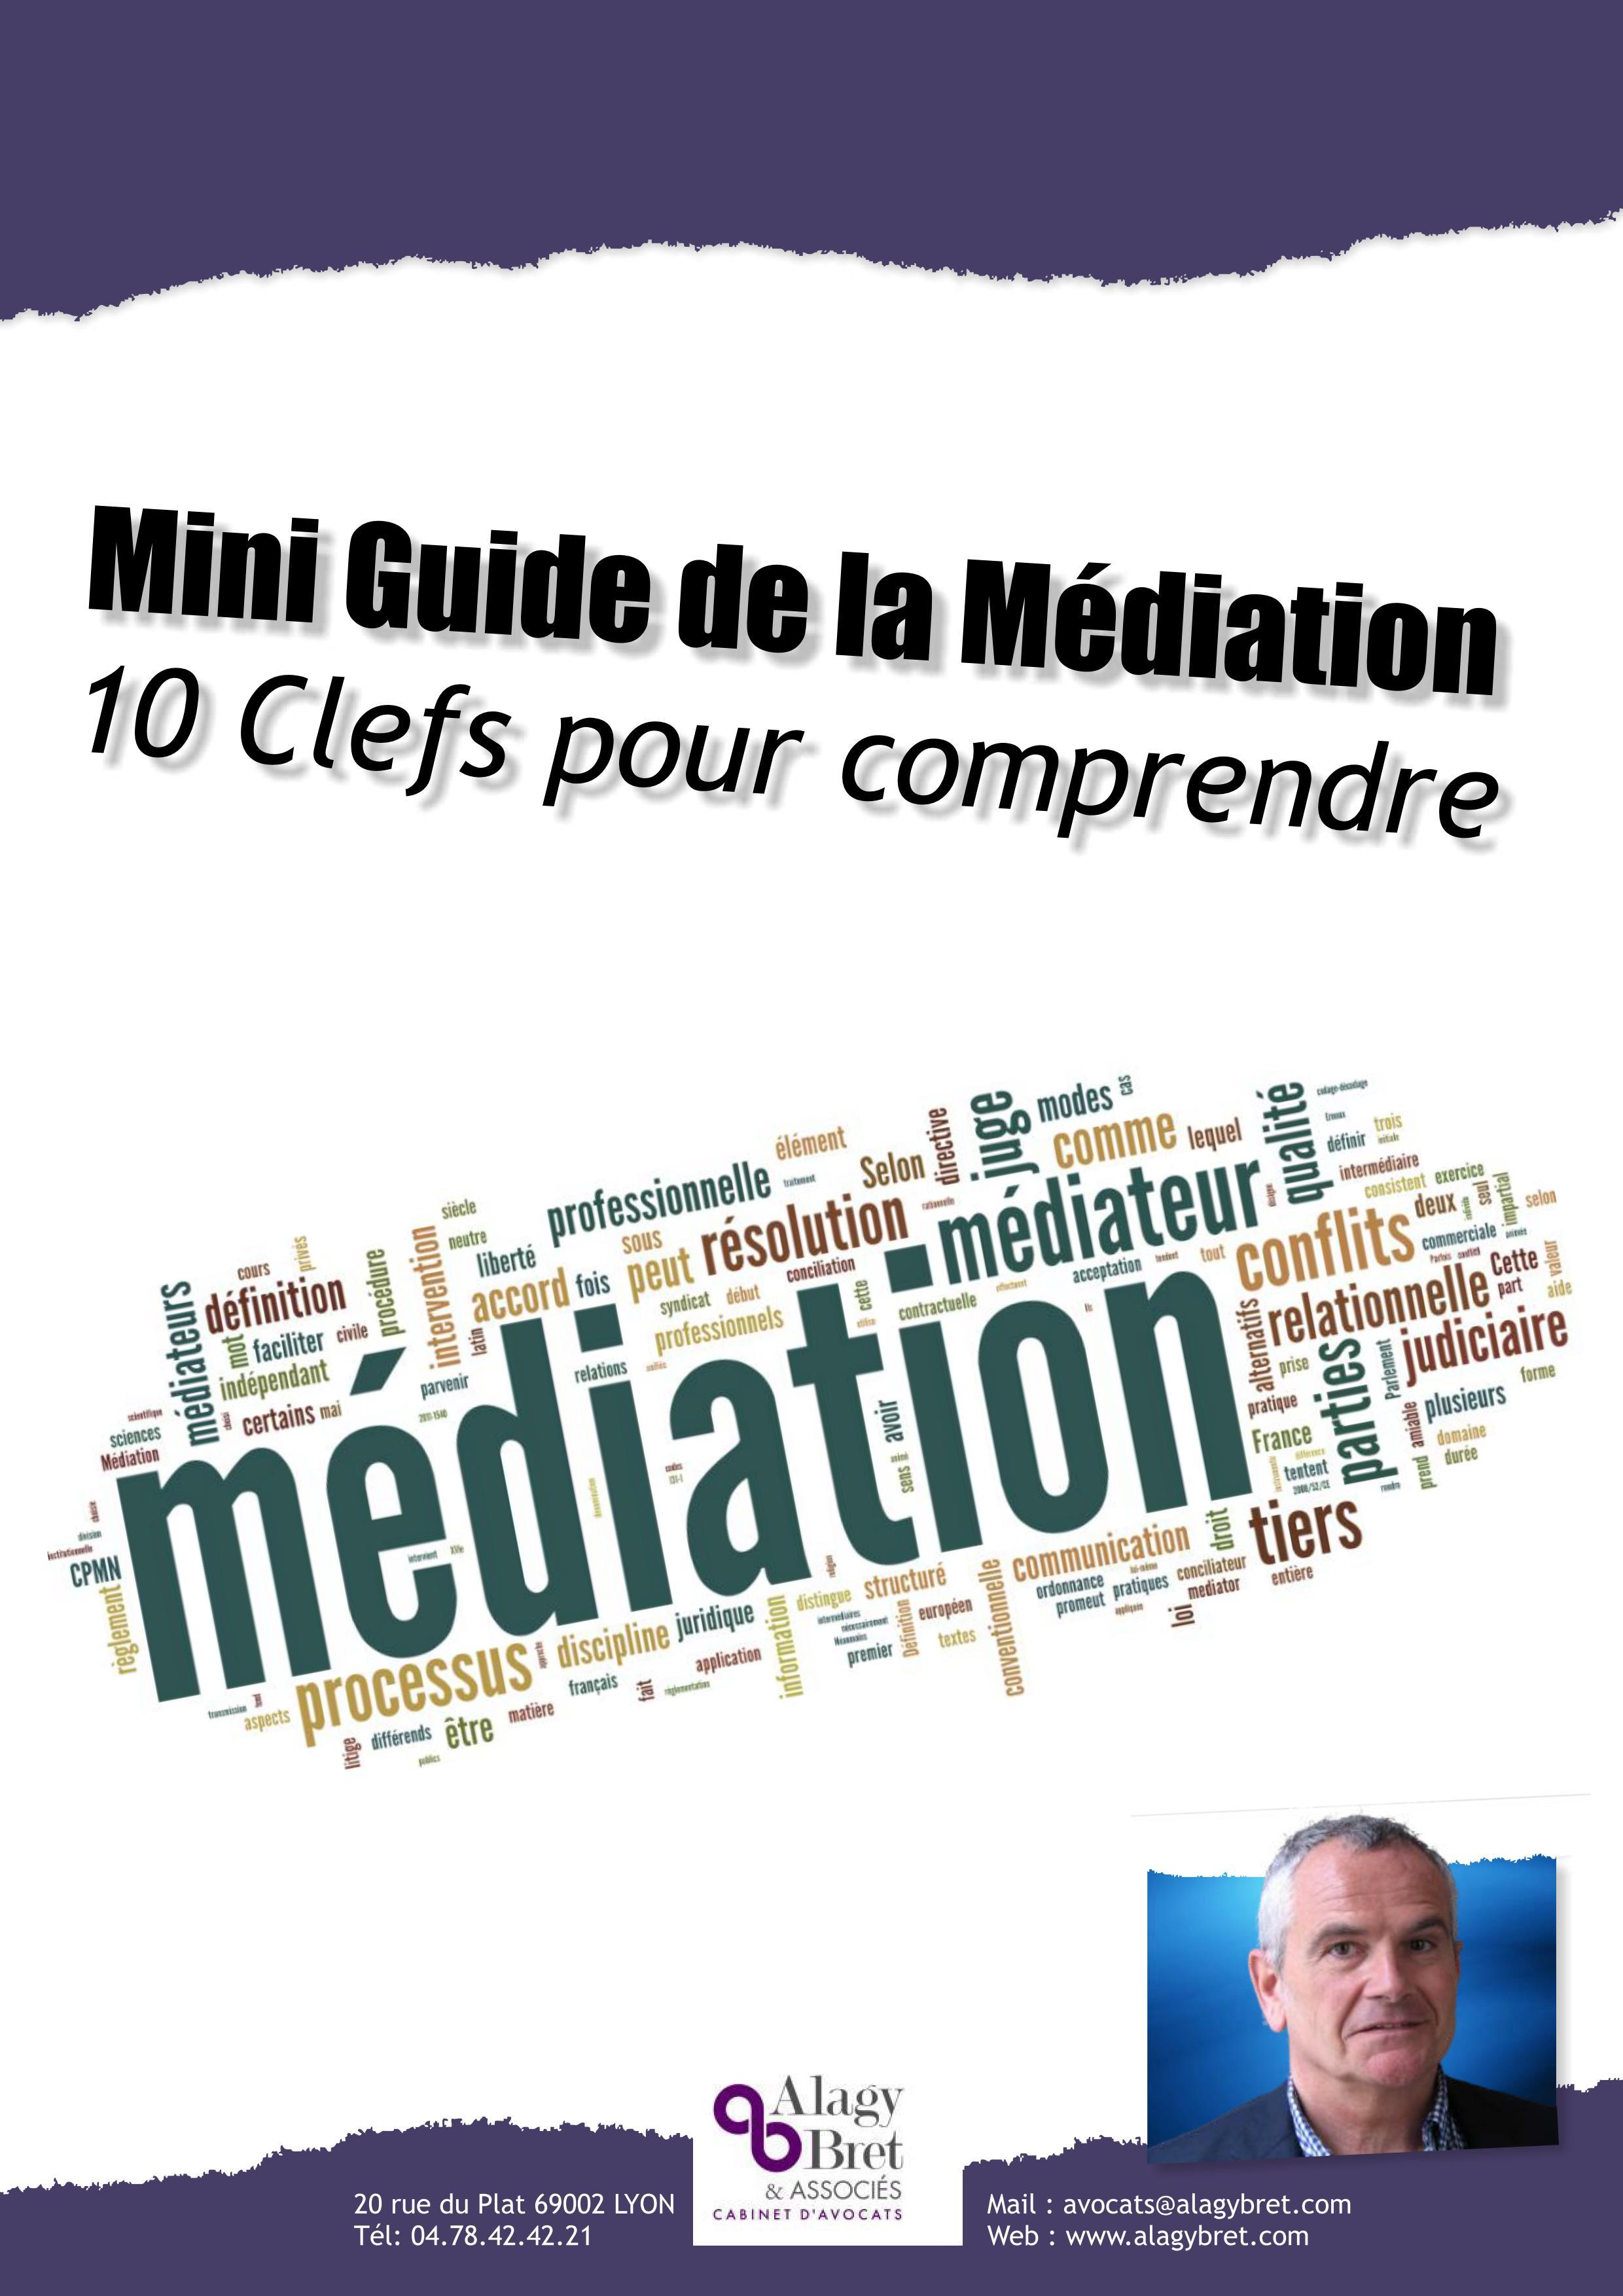 Mini Guide de la Médiation: 10 clefs pour comprendre